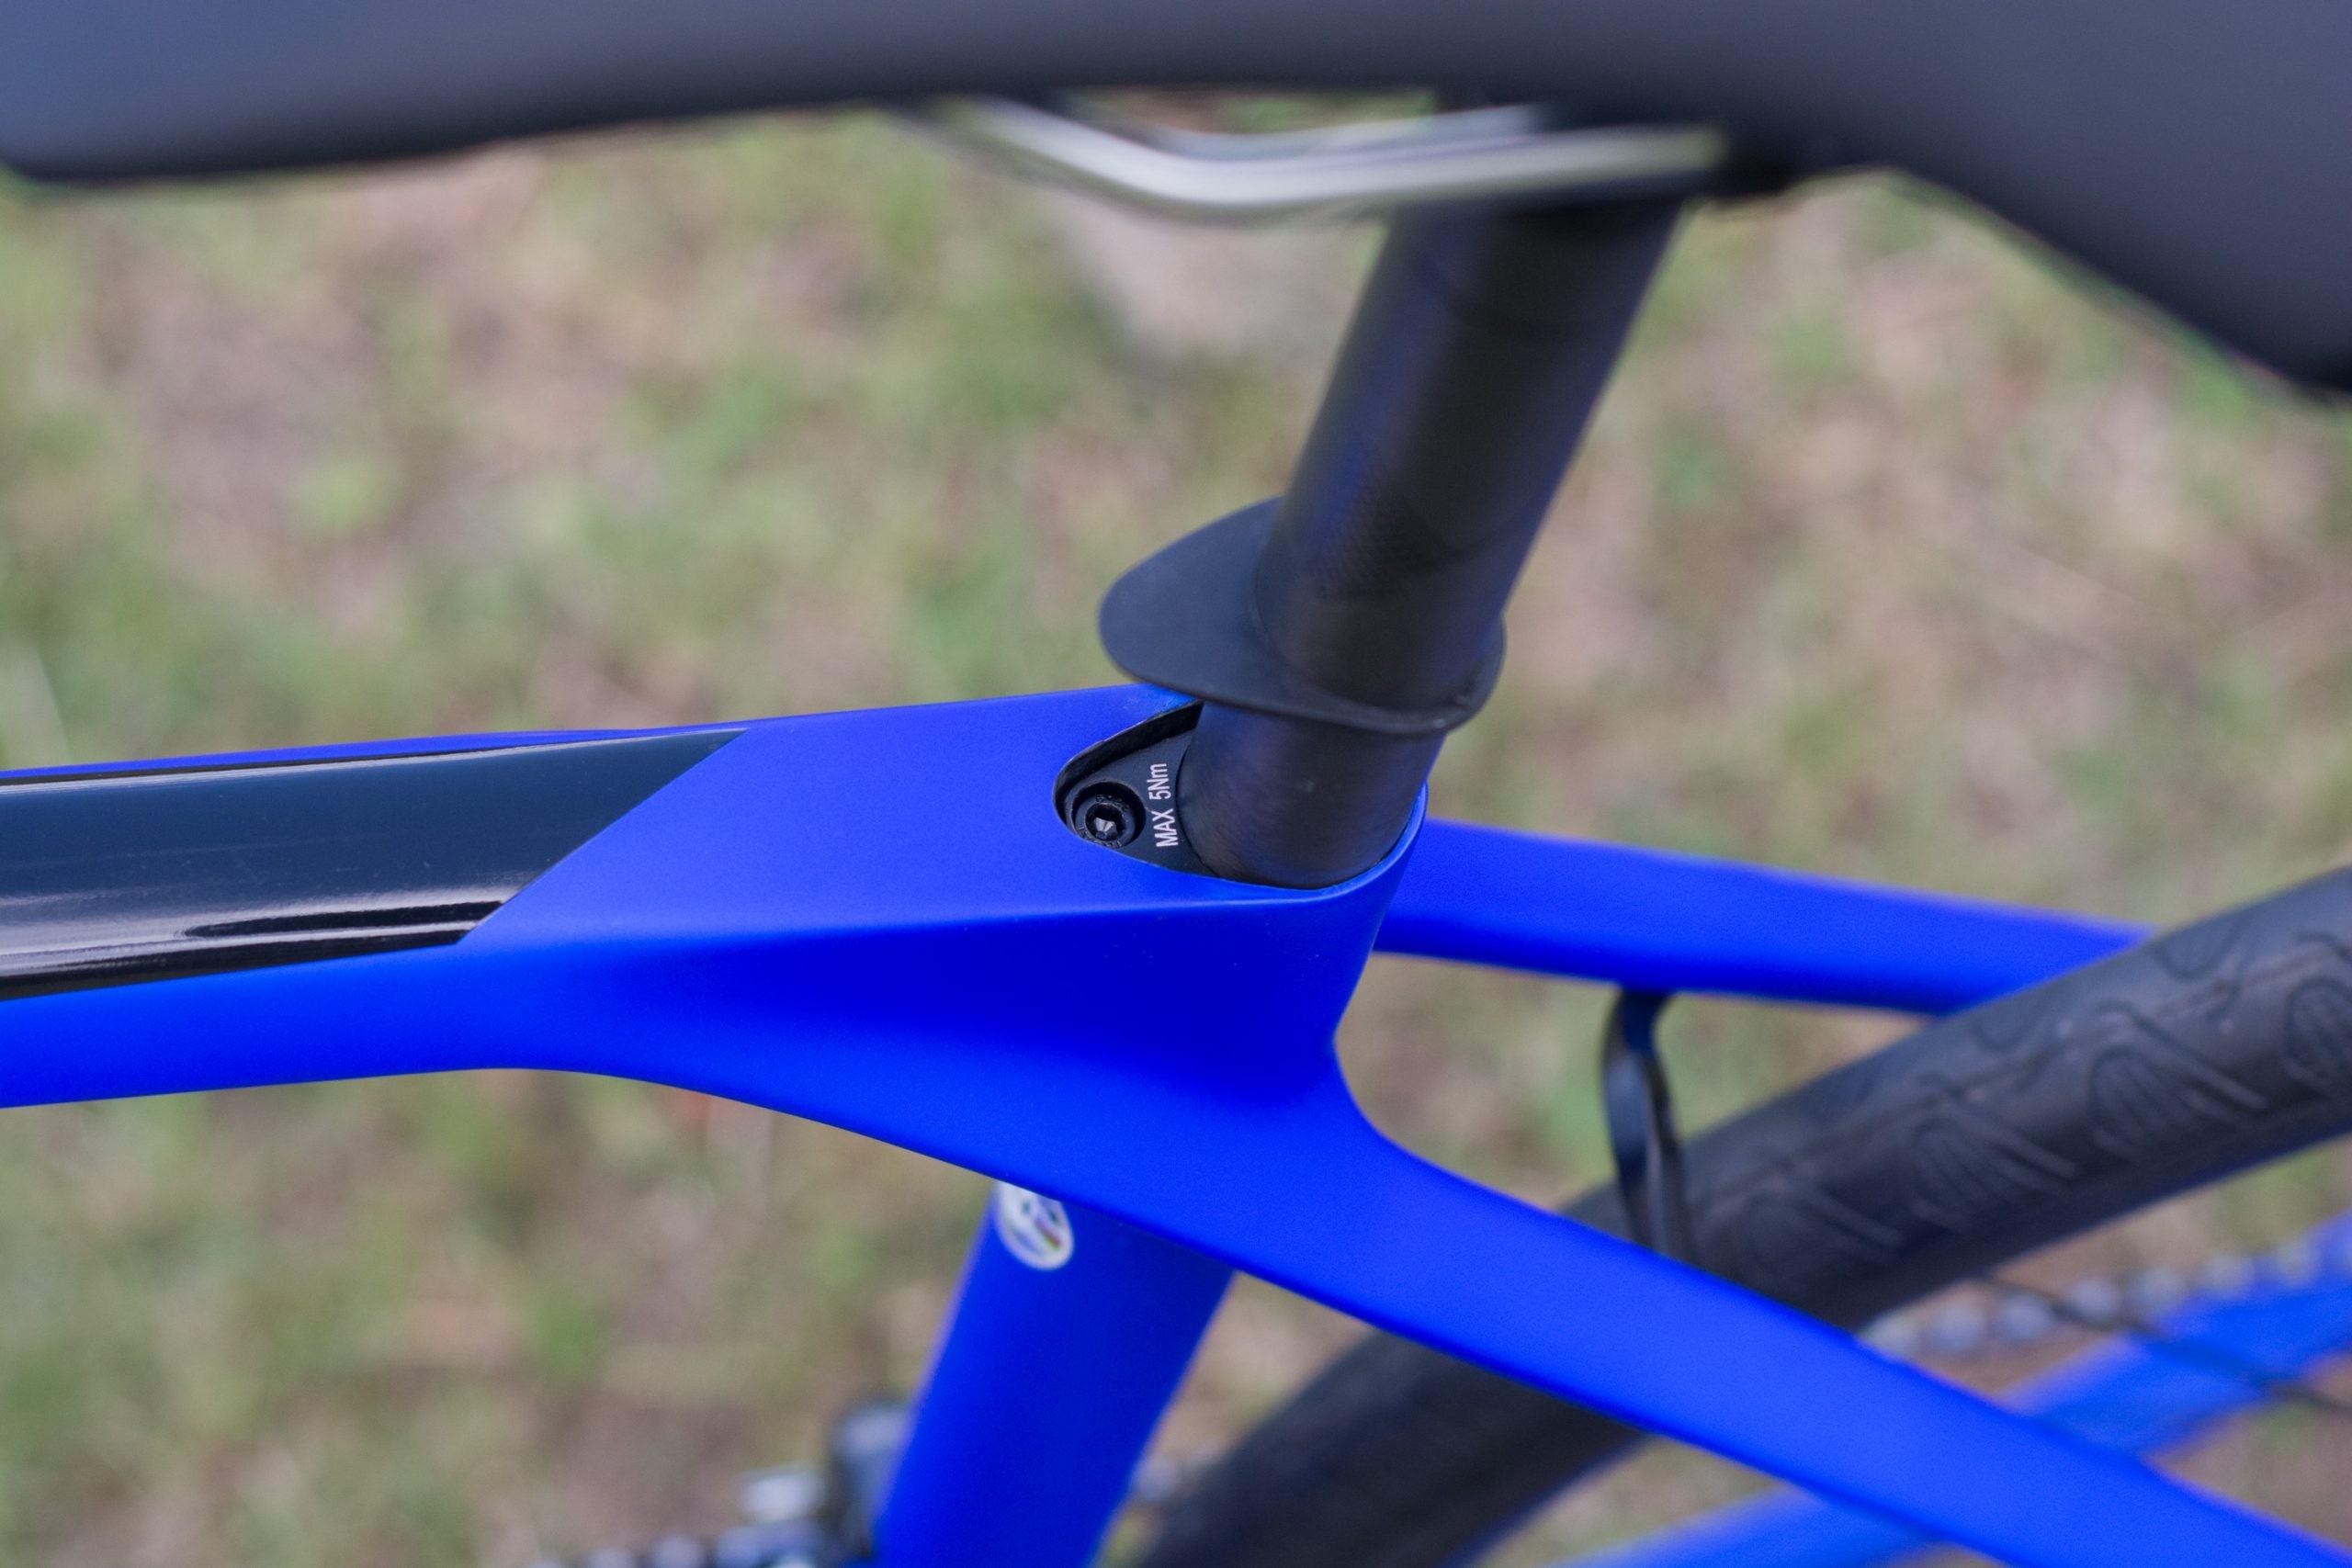 Hidden seat clamp